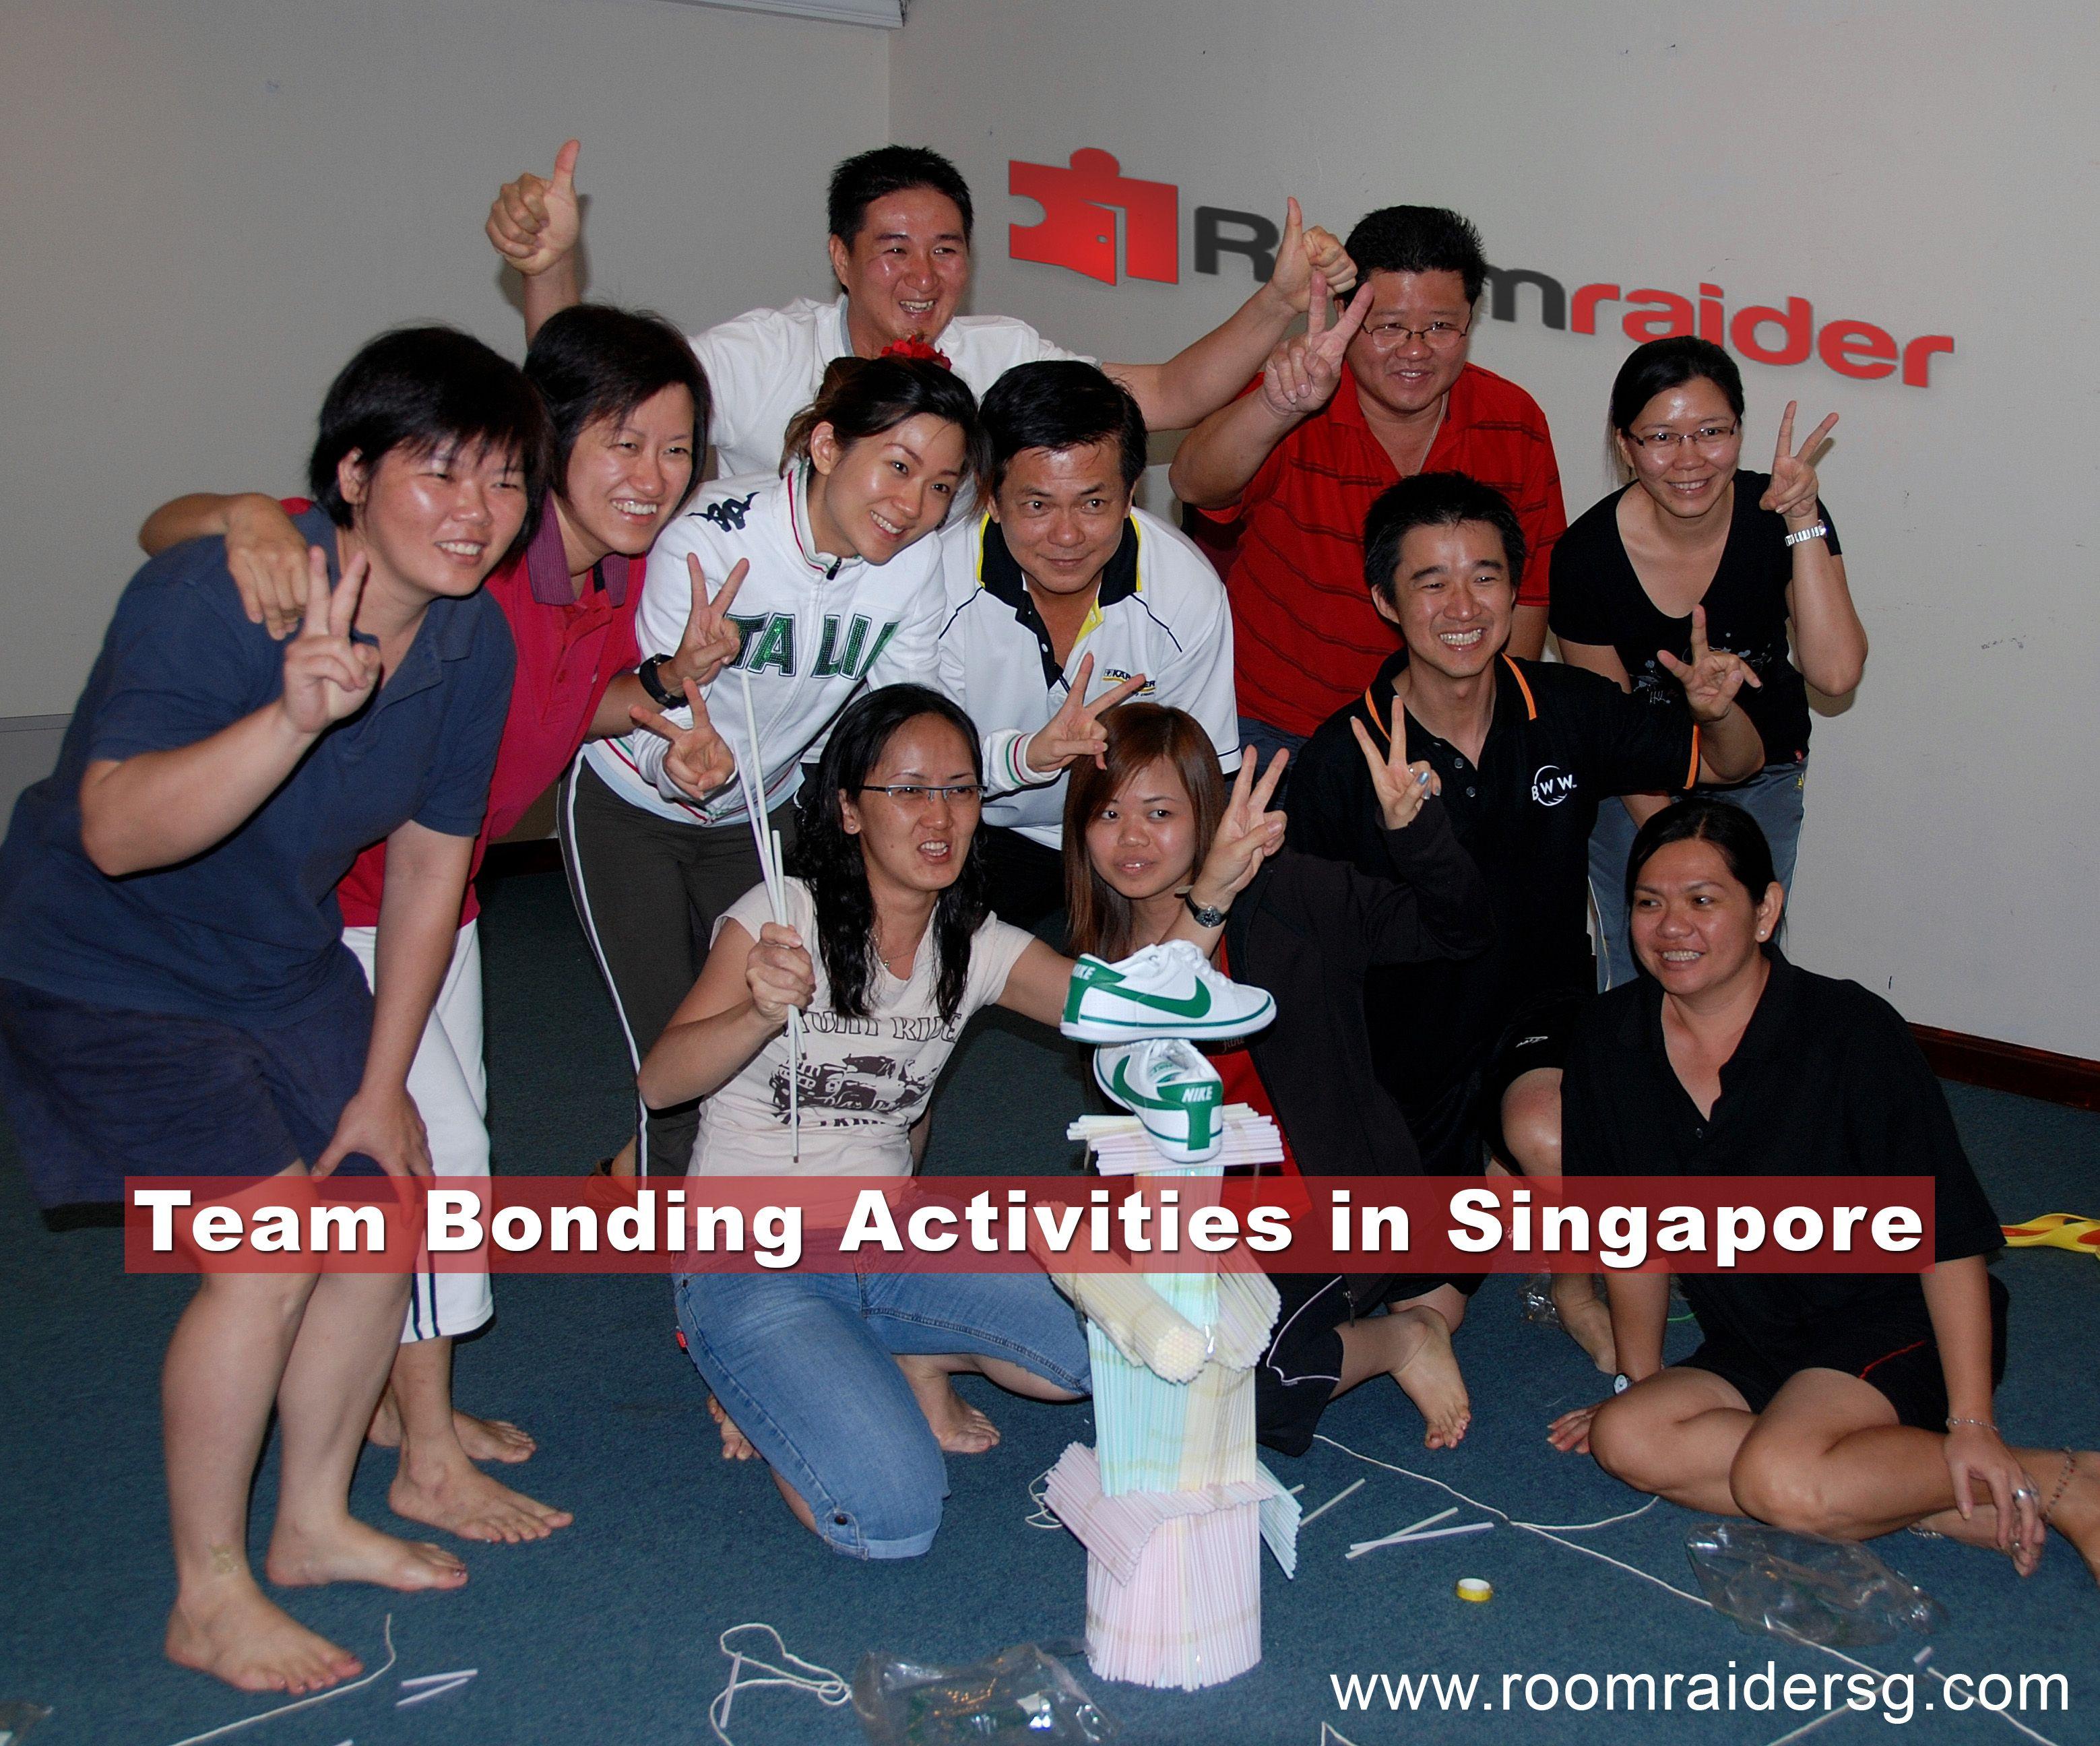 Team Bonding Activities in Singapore Corporate team